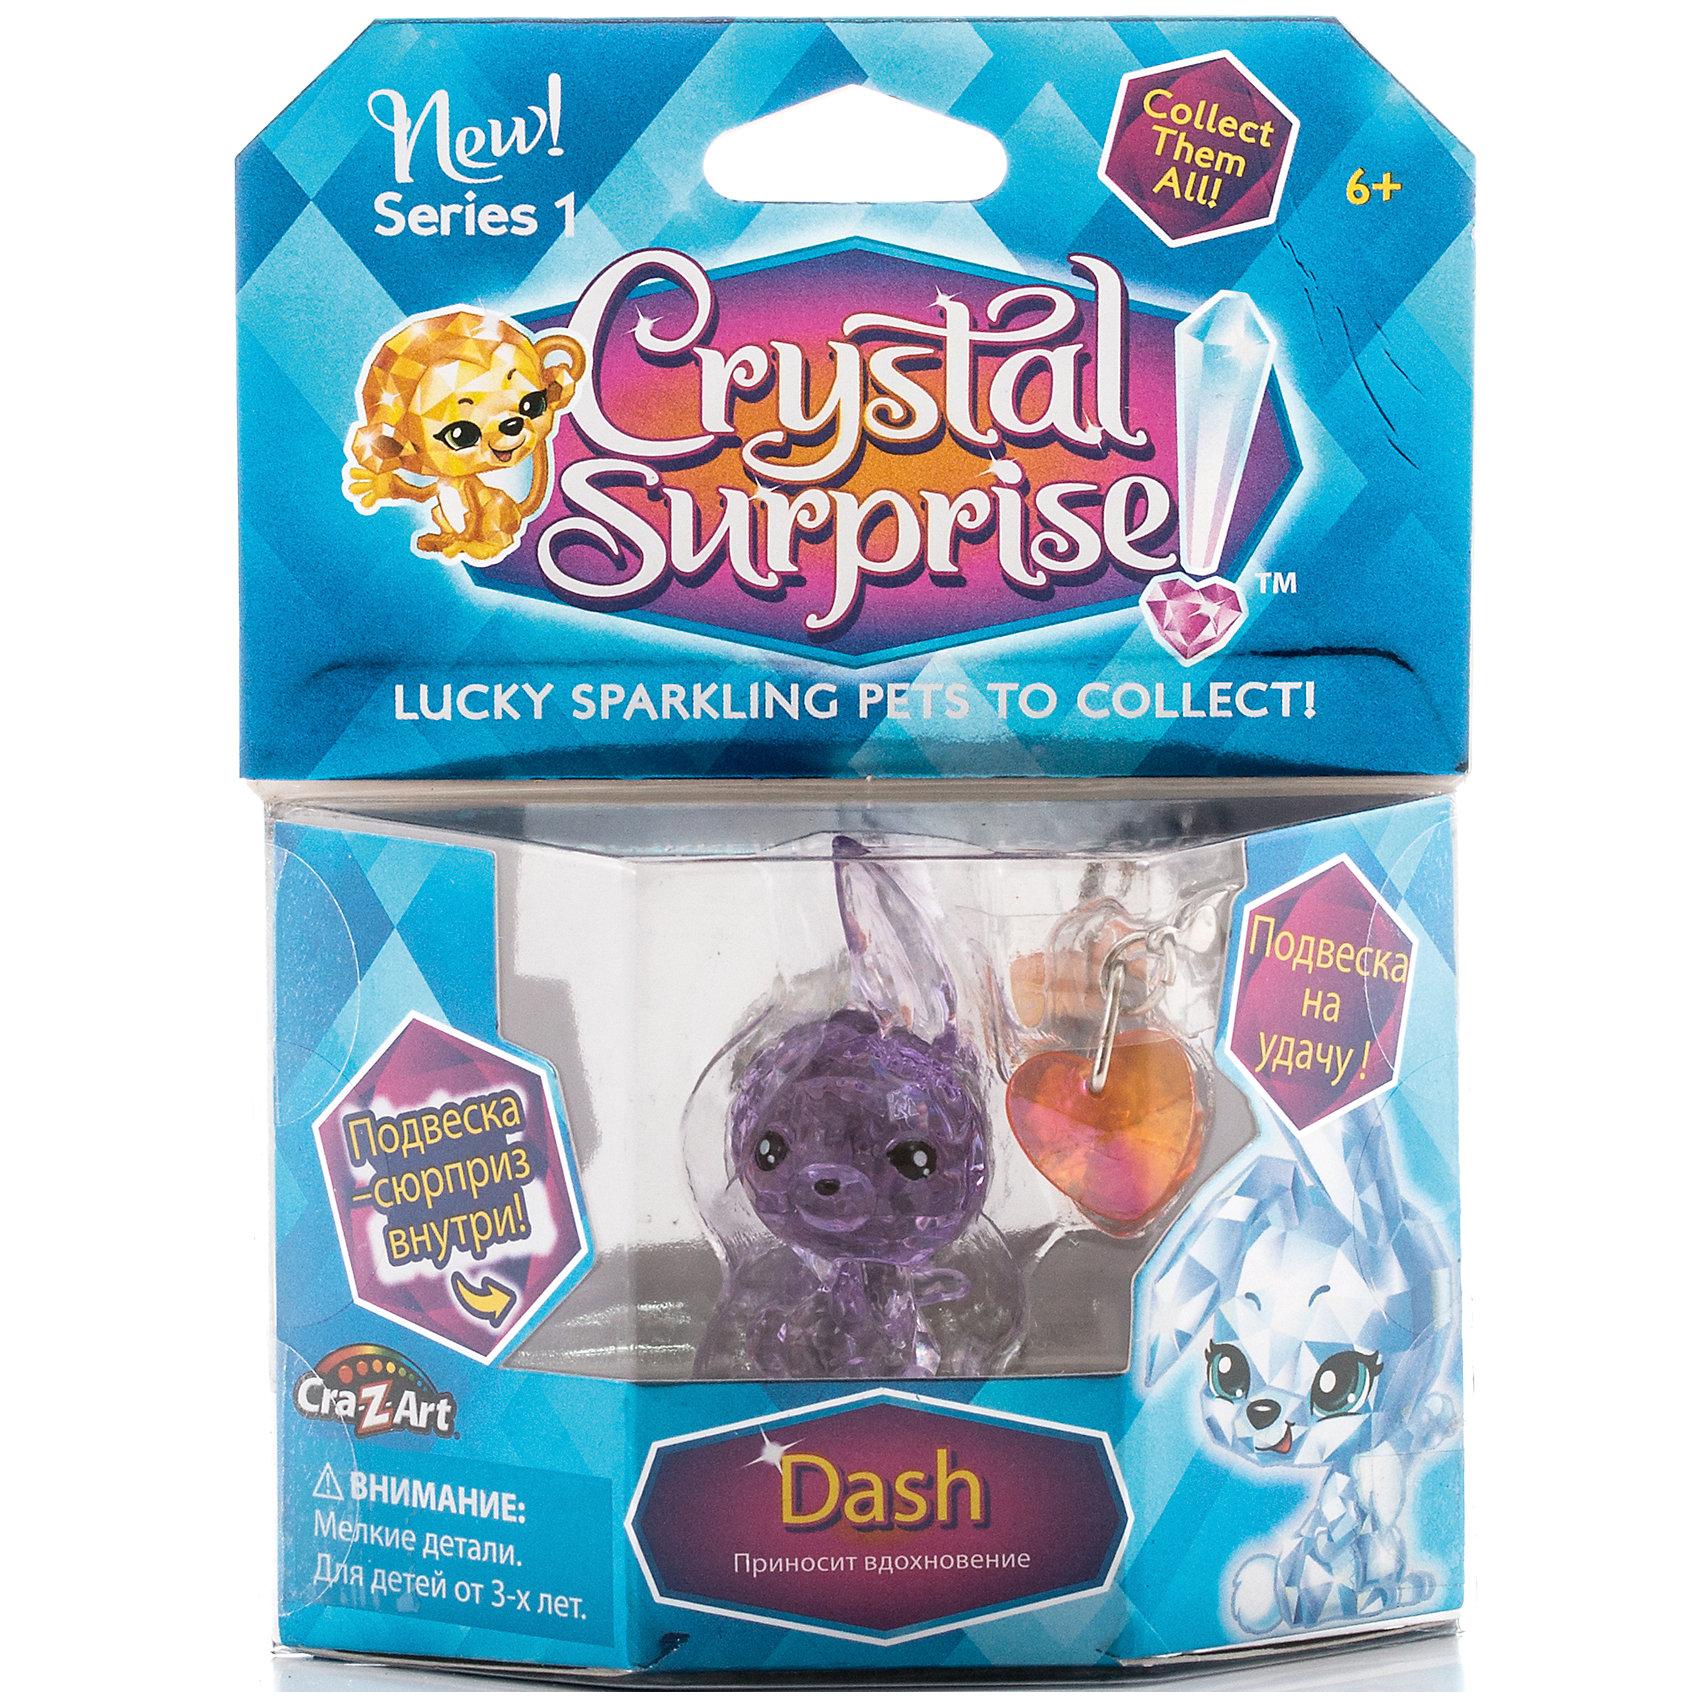 Фигурка Кролик+подвески, Crystal SurpriseМир животных<br>Фигурка Crystal Surprise - одновременно талисман и украшение. Эти волшебные зверьки будто состоят из искрящихся кристаллов! Кристальные фигурки выполнены из высококачественного полупрозрачного пластика. У каждого зверька свой цвет и своя, особенная, история. Кролик Дэш (Dash) - талисман для вдохновения. У него милая мордочка, игриво поднято одно ушко. Фигурка сделана из полупрозрачного материала с красивым розовым оттенком. В комплект, также, входит подвеска в виде сердечка, 2 маленьких металлических шарма, и буклет коллекционера. Украшение можно подвесить на рюкзак, использовать как брелок или украсить свой браслет.<br><br>Ширина мм: 110<br>Глубина мм: 150<br>Высота мм: 30<br>Вес г: 46<br>Возраст от месяцев: 36<br>Возраст до месяцев: 192<br>Пол: Женский<br>Возраст: Детский<br>SKU: 4663701